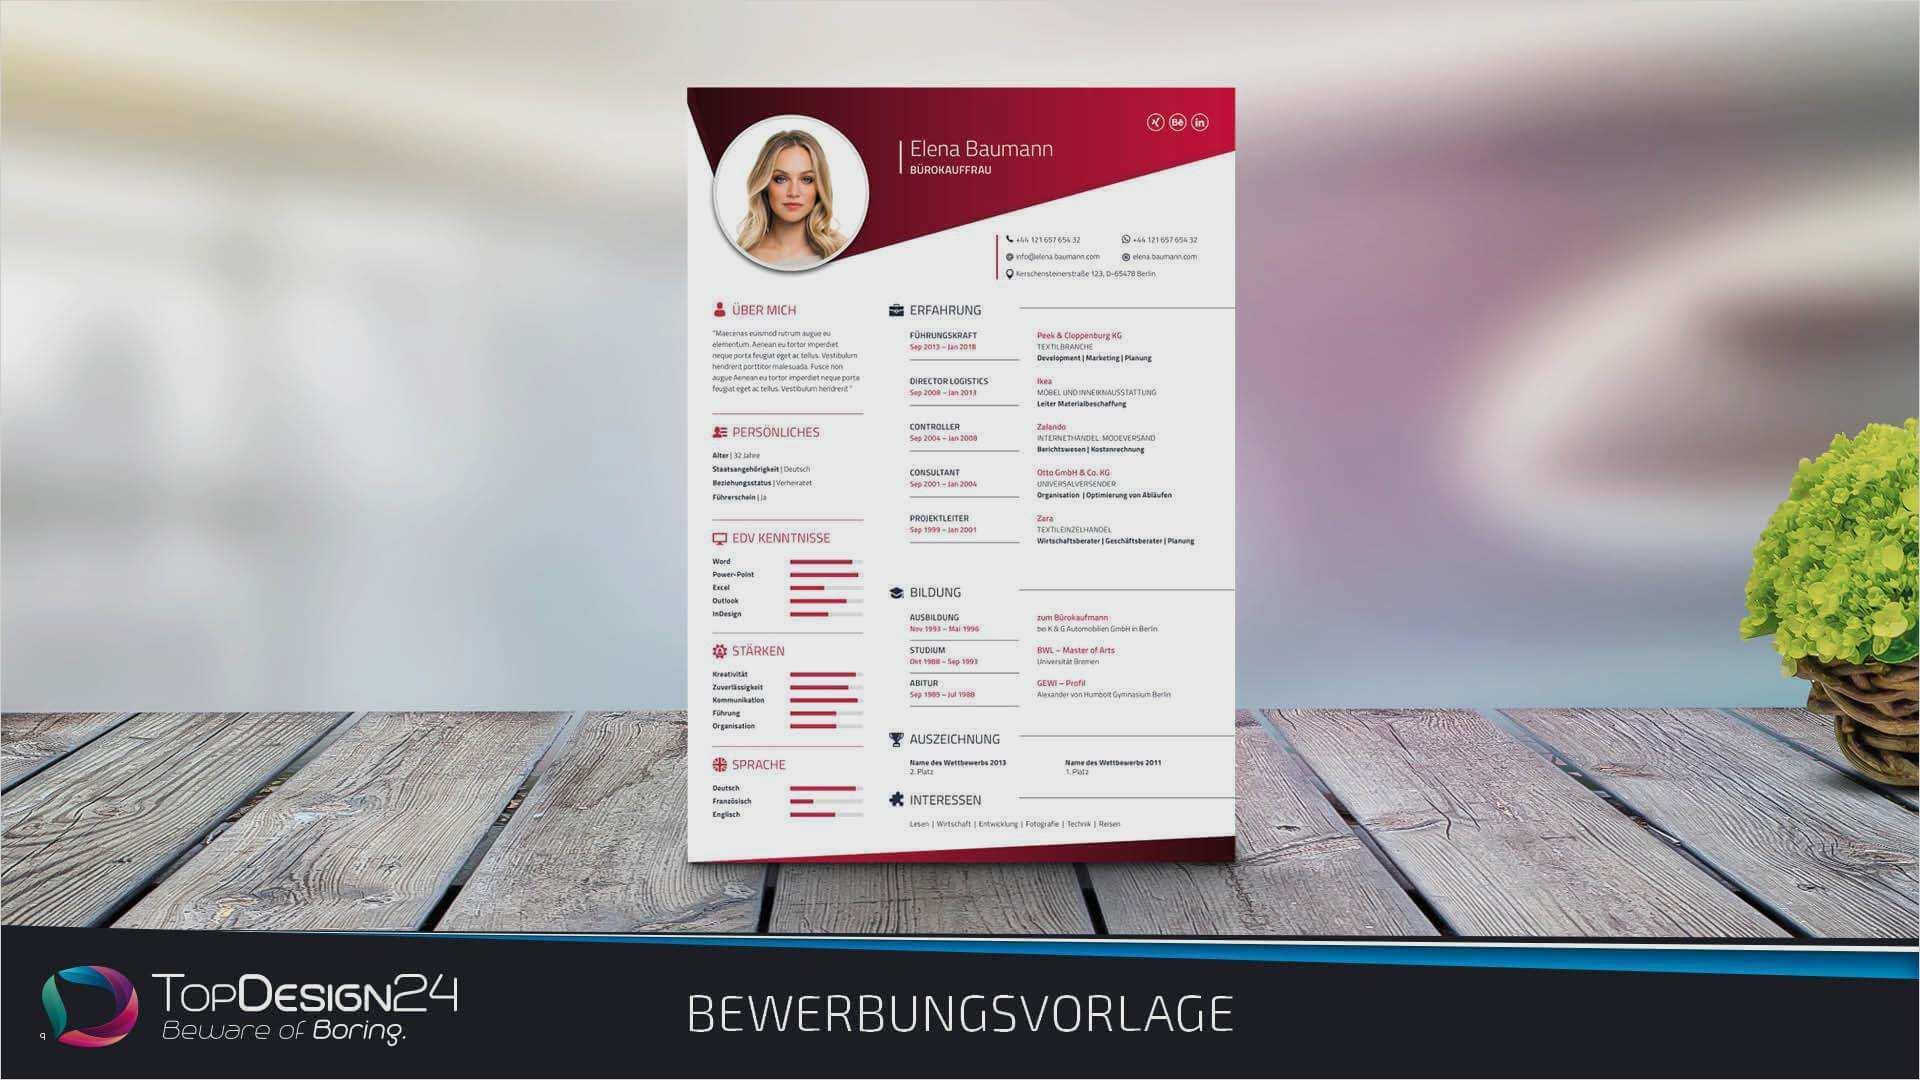 Lebenslauf 2018 Vorlage Inspiration Lebenslauf Vorlage 2018 topdesign24 Bewerbungsvorlage